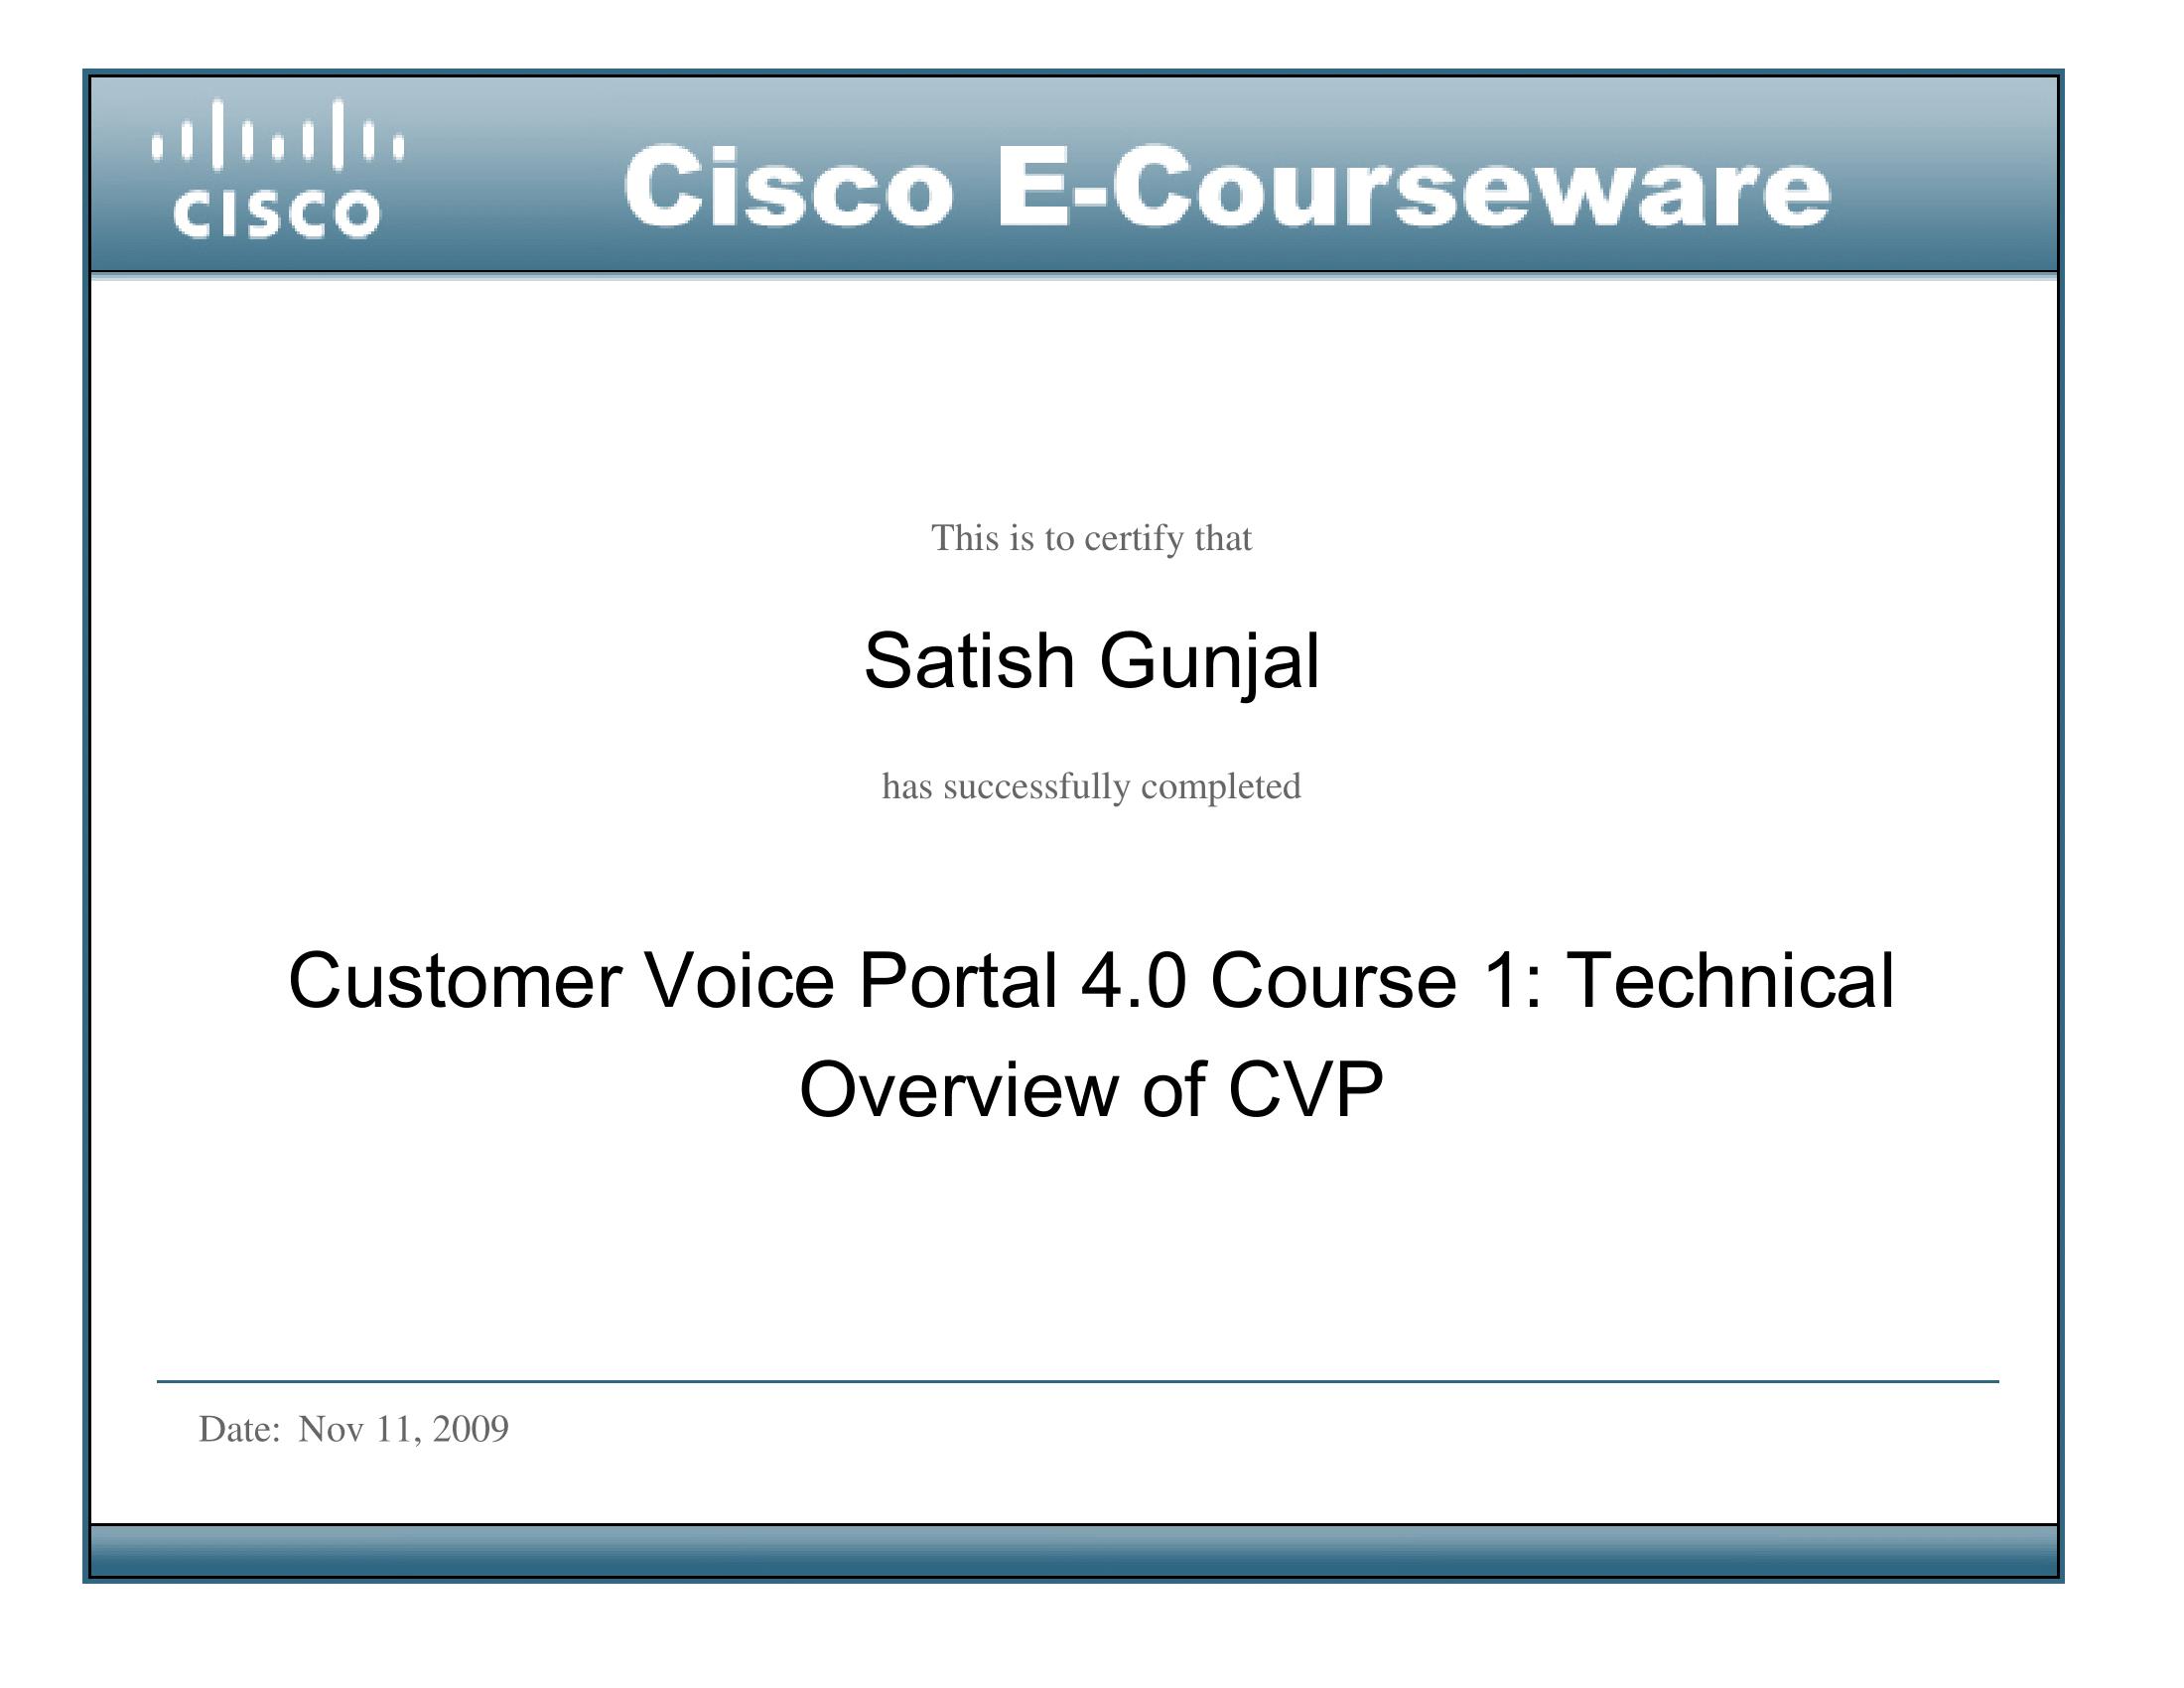 CVP 4.0 Course 1 Technical Overview of CVP